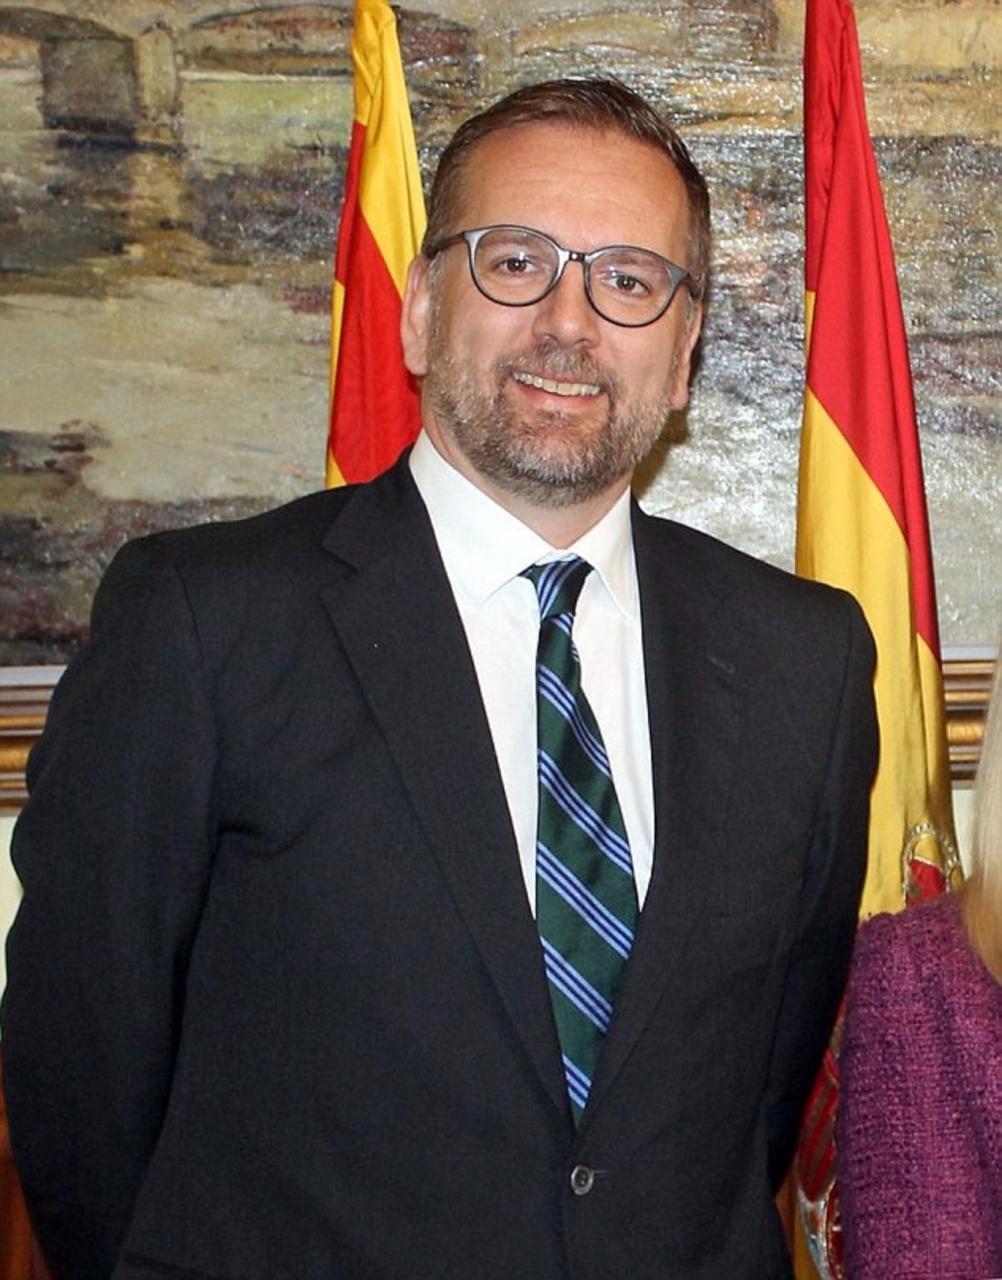 Lloyd Milen praises the new Support In Spain website